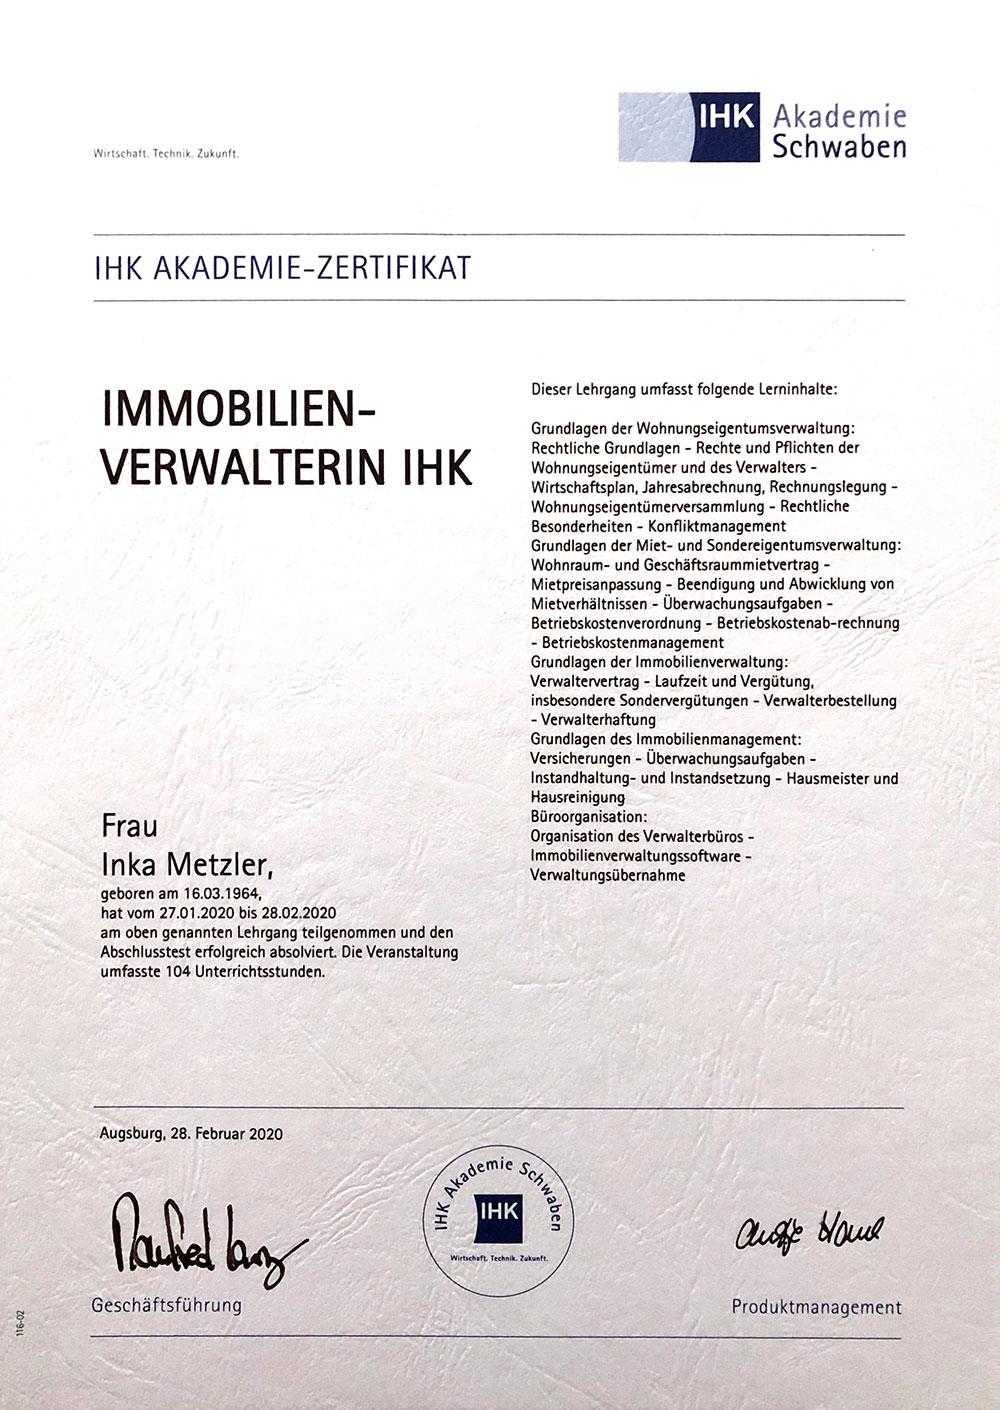 Zertifizierte Immobilienverwalterin (IHK)